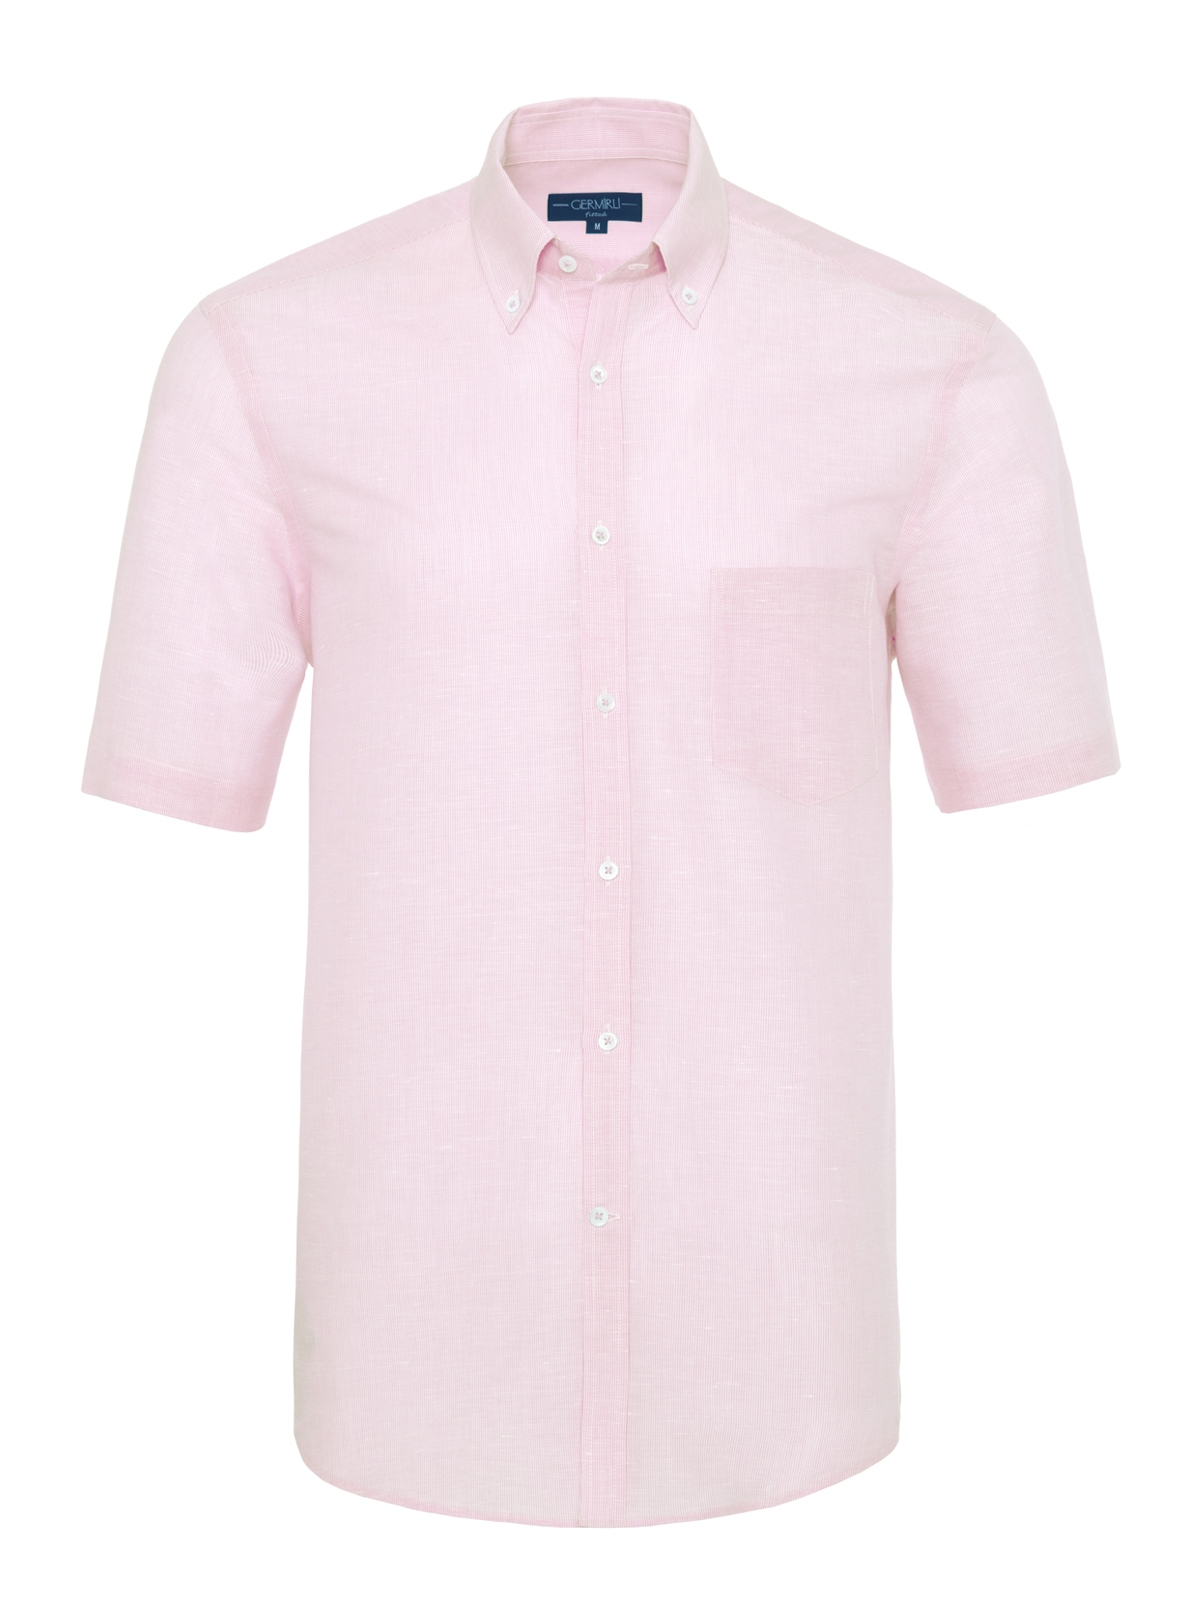 Germirli - Germirli Pembe Beyaz Çizgili Keten Pamuk Kısa Kollu Düğmeli Yaka Cepli Tailor Fit Gömlek